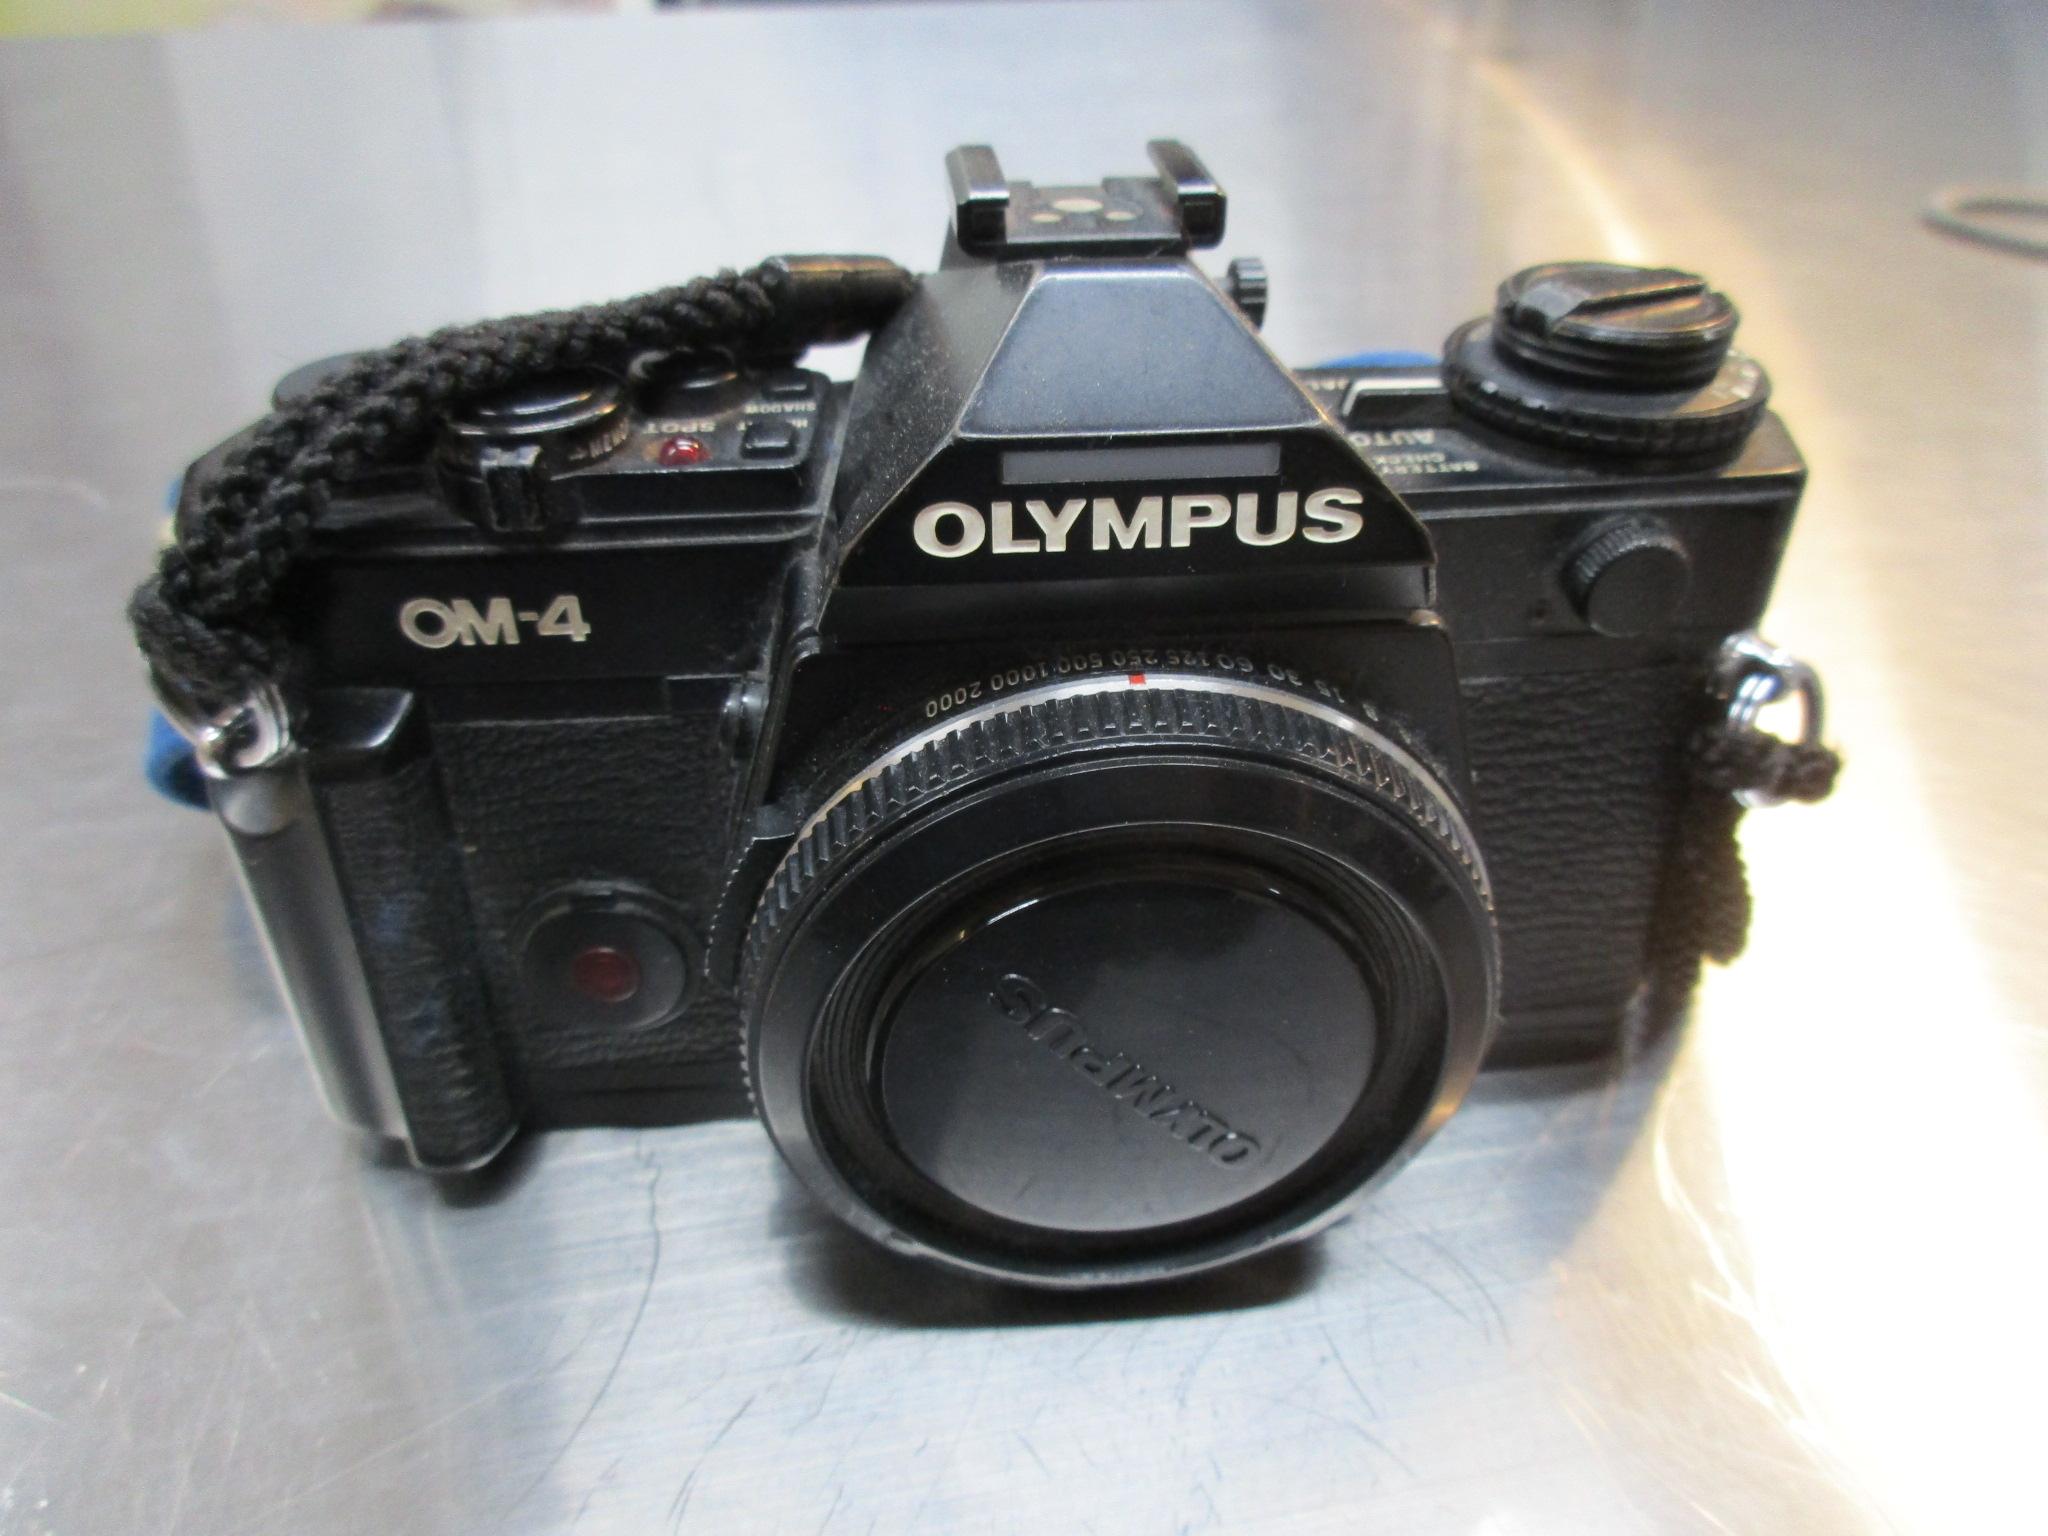 210129 オリンパスOM-4